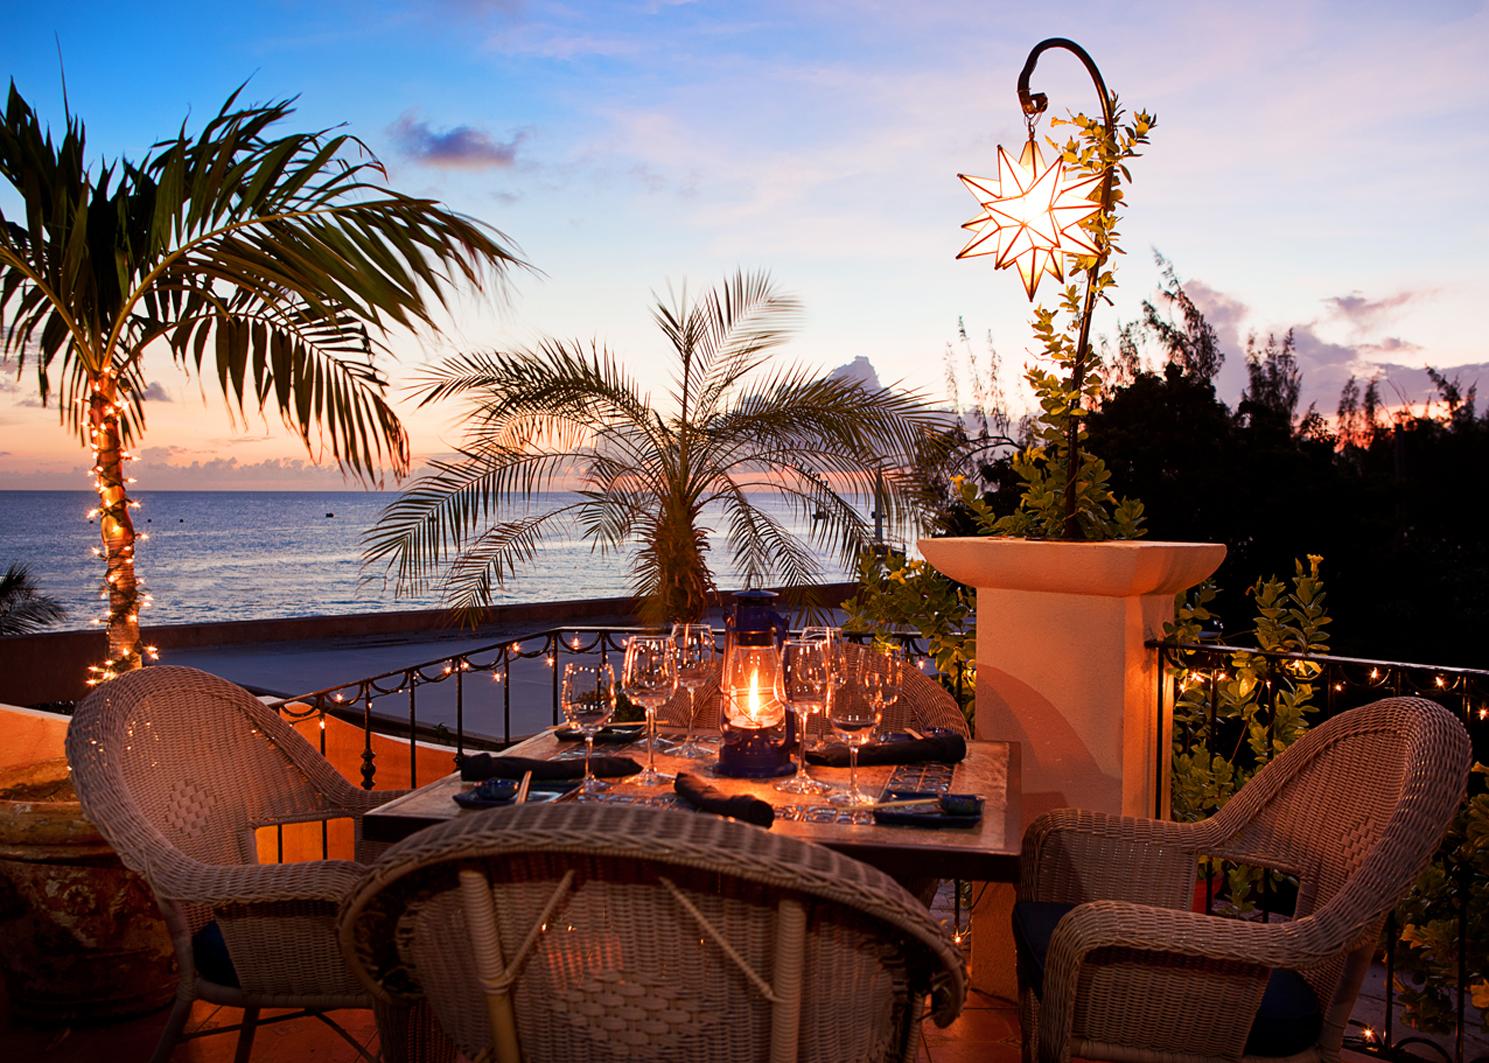 cafe luna barbados palm sunset